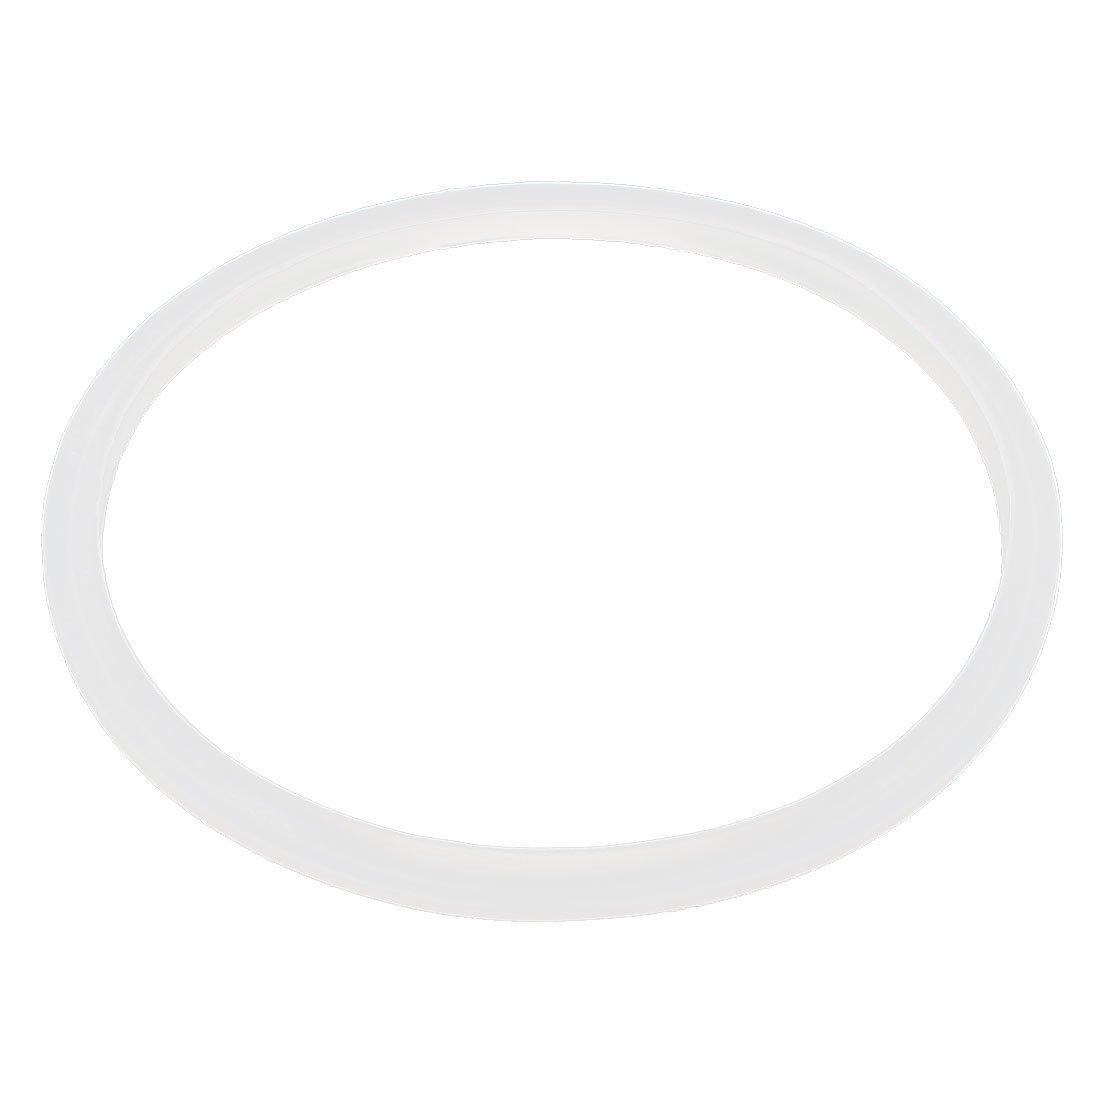 sourcingmap® Pentola A Pressione Ricambio Anello Sigillante Guarnizione 20cm Diametro Interno a15060900ux0067